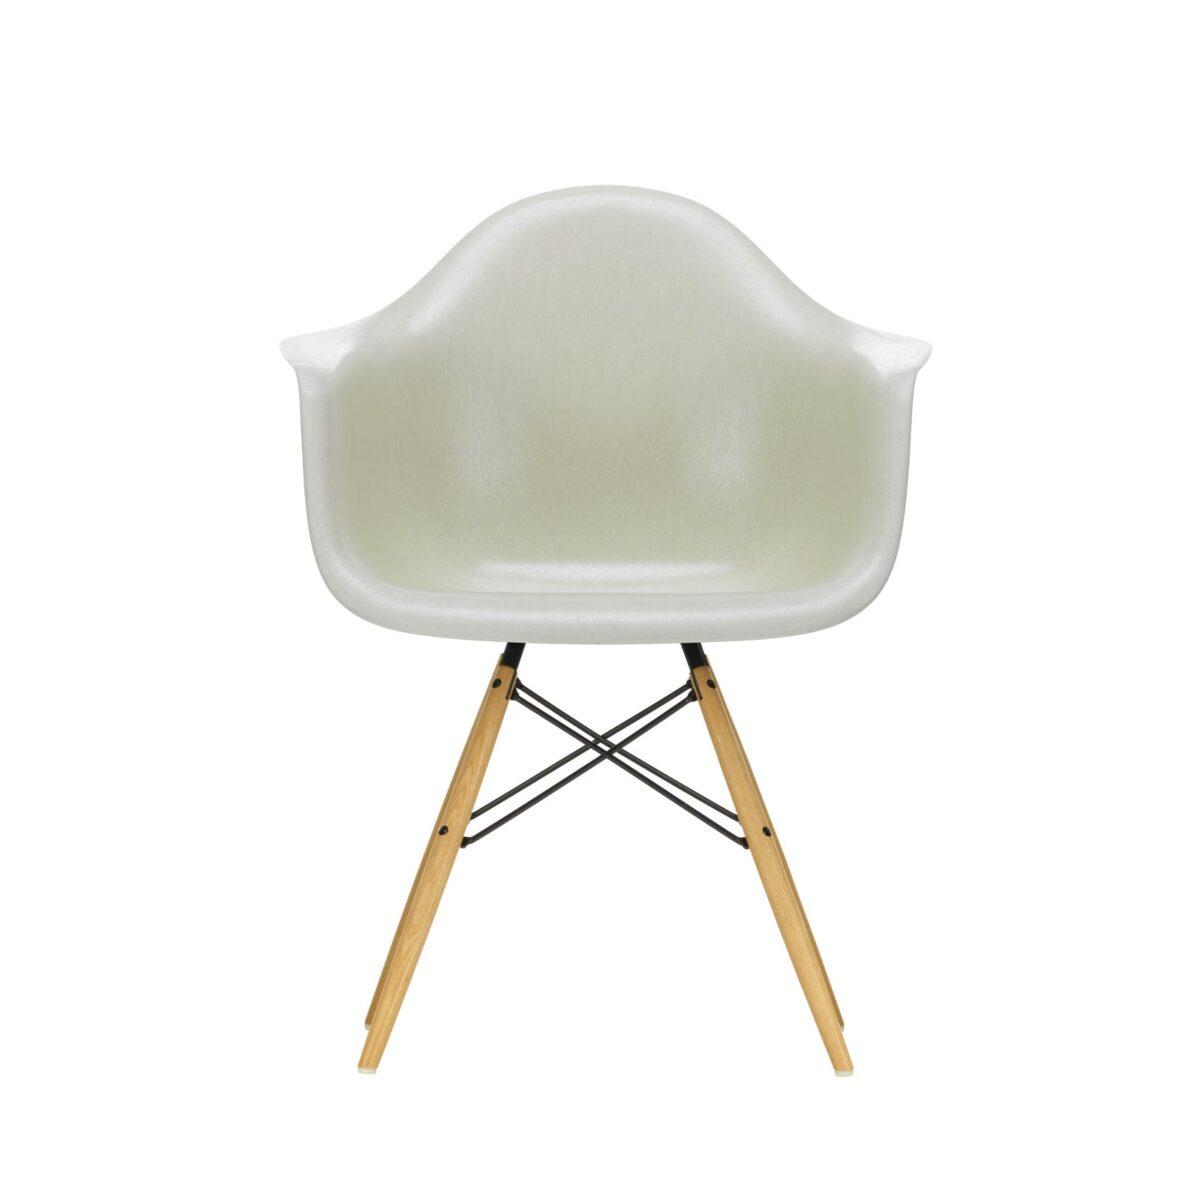 3345706 Eames Fiberglass Armchair DAW 01 parchment 65 ash honey centre master